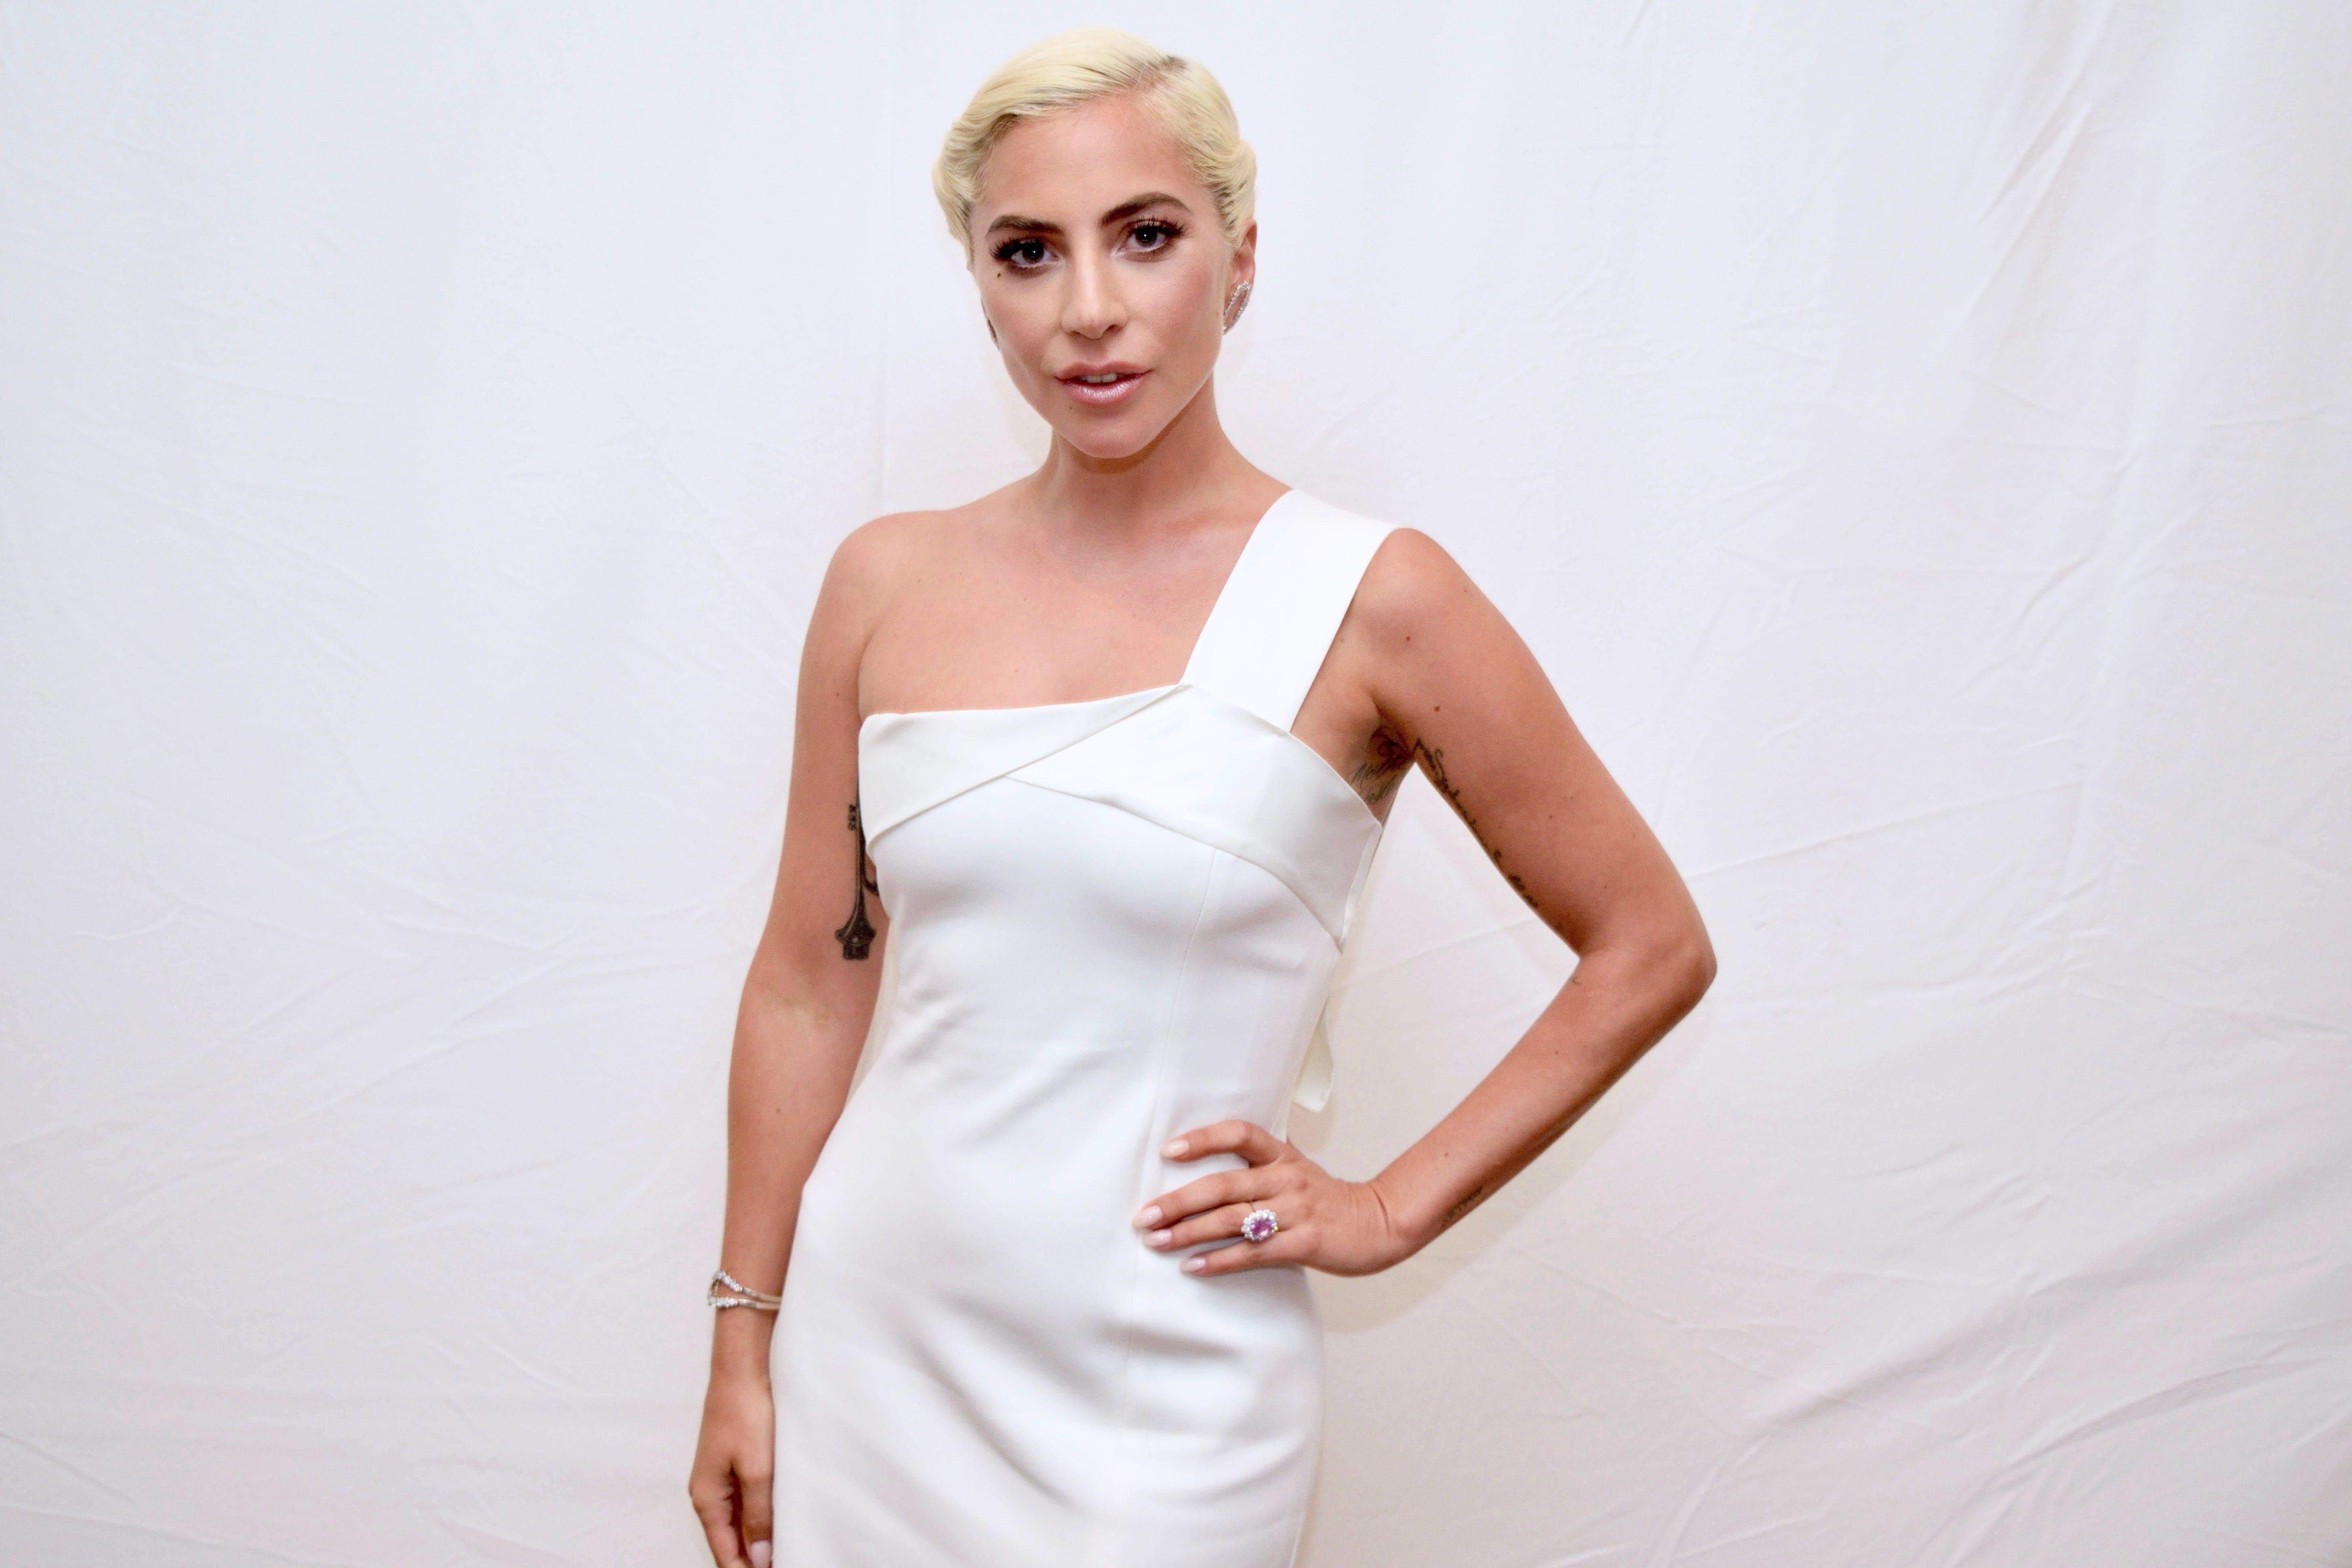 Musician, singer and acress Lady Gaga, Golden Globe winner